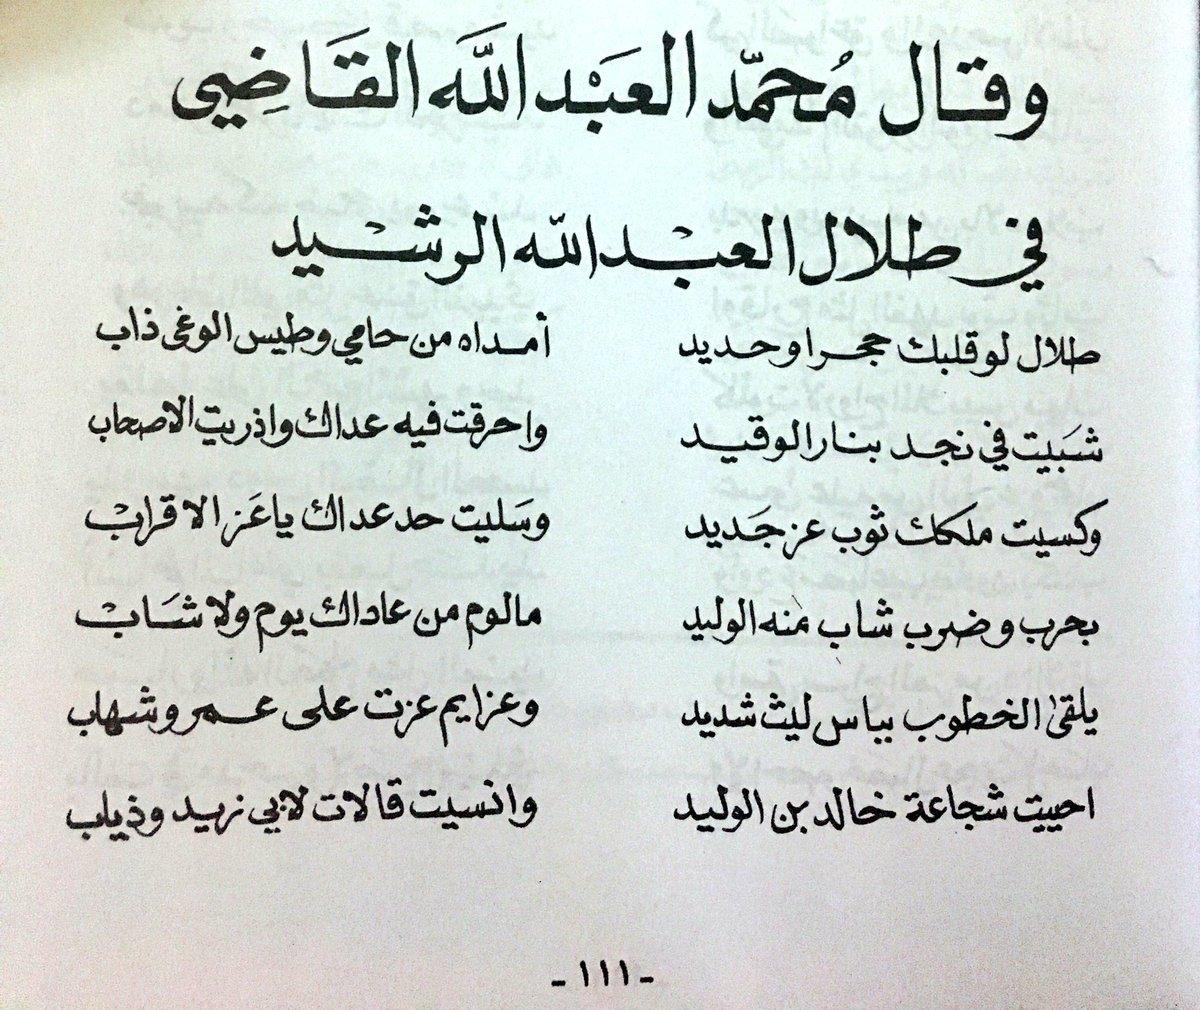 بالصور شعر مدح في شخص غالي , اشعار مدح و فخر 5396 4